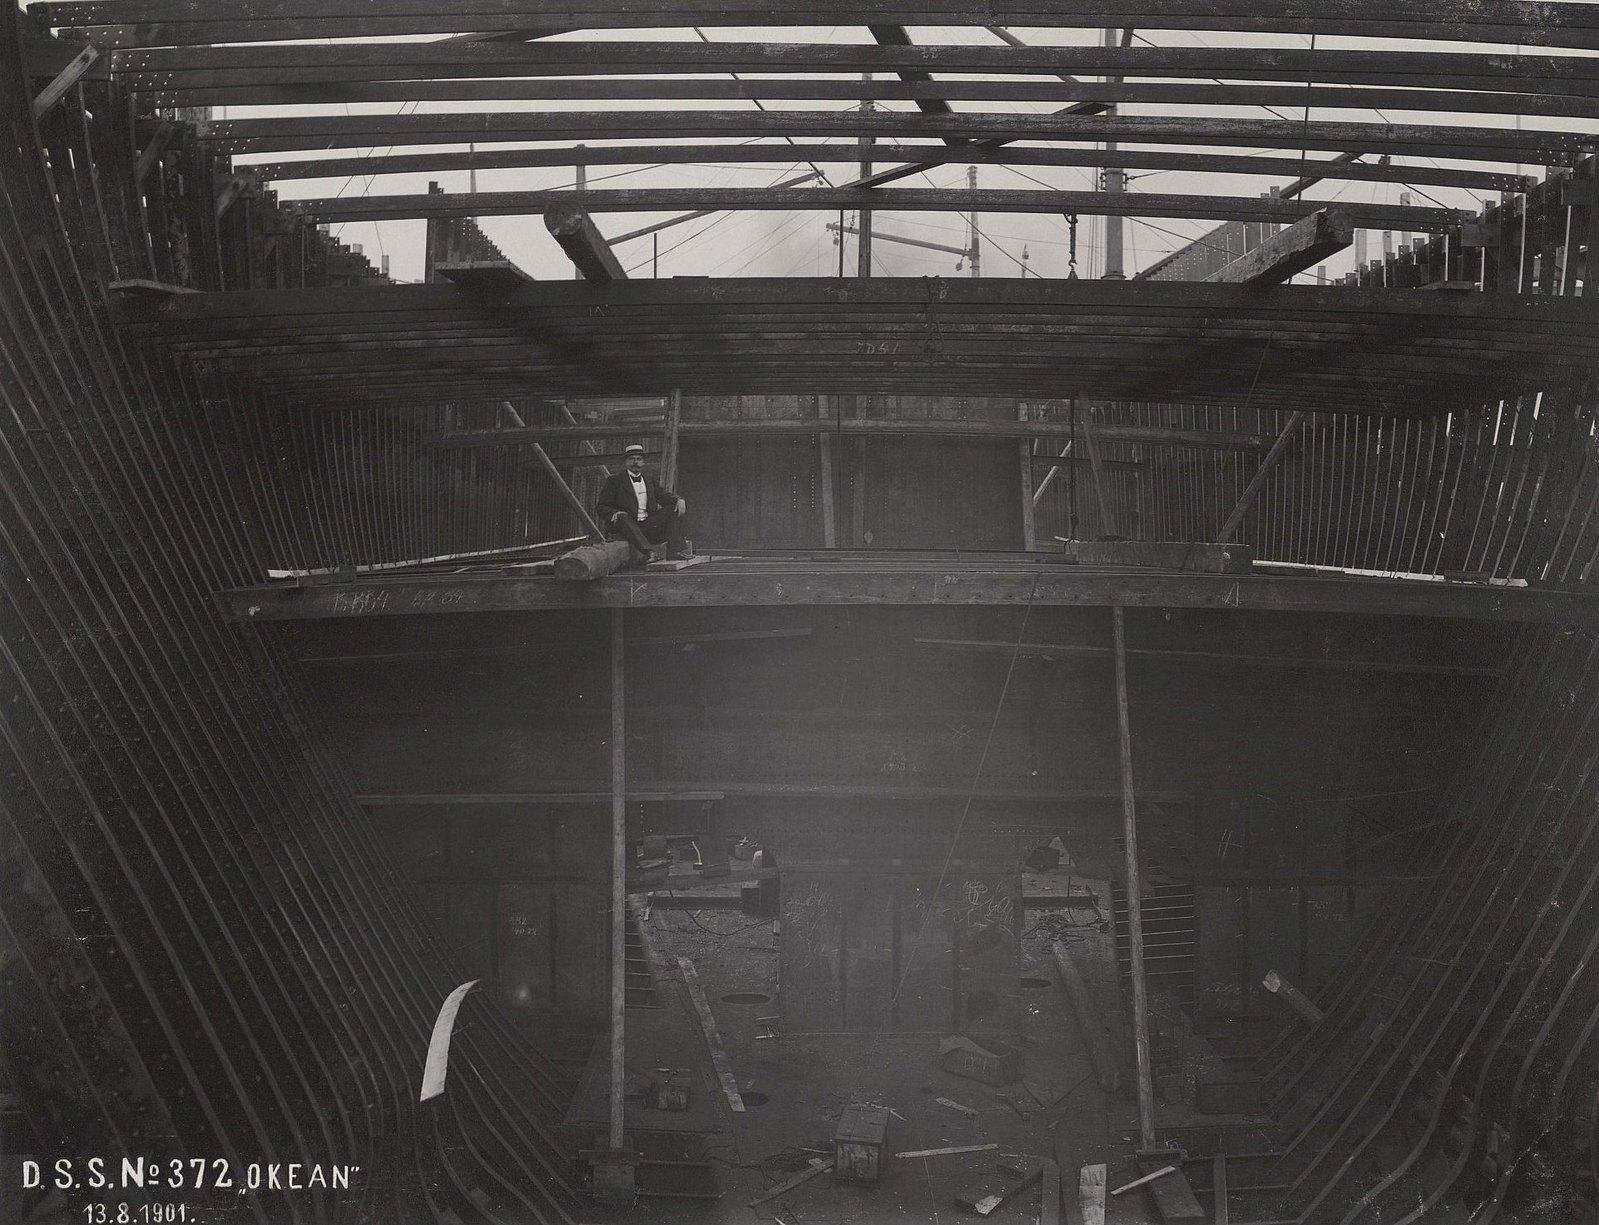 12. Строительство учебного судна «Океан». 13 августа 1901 г.